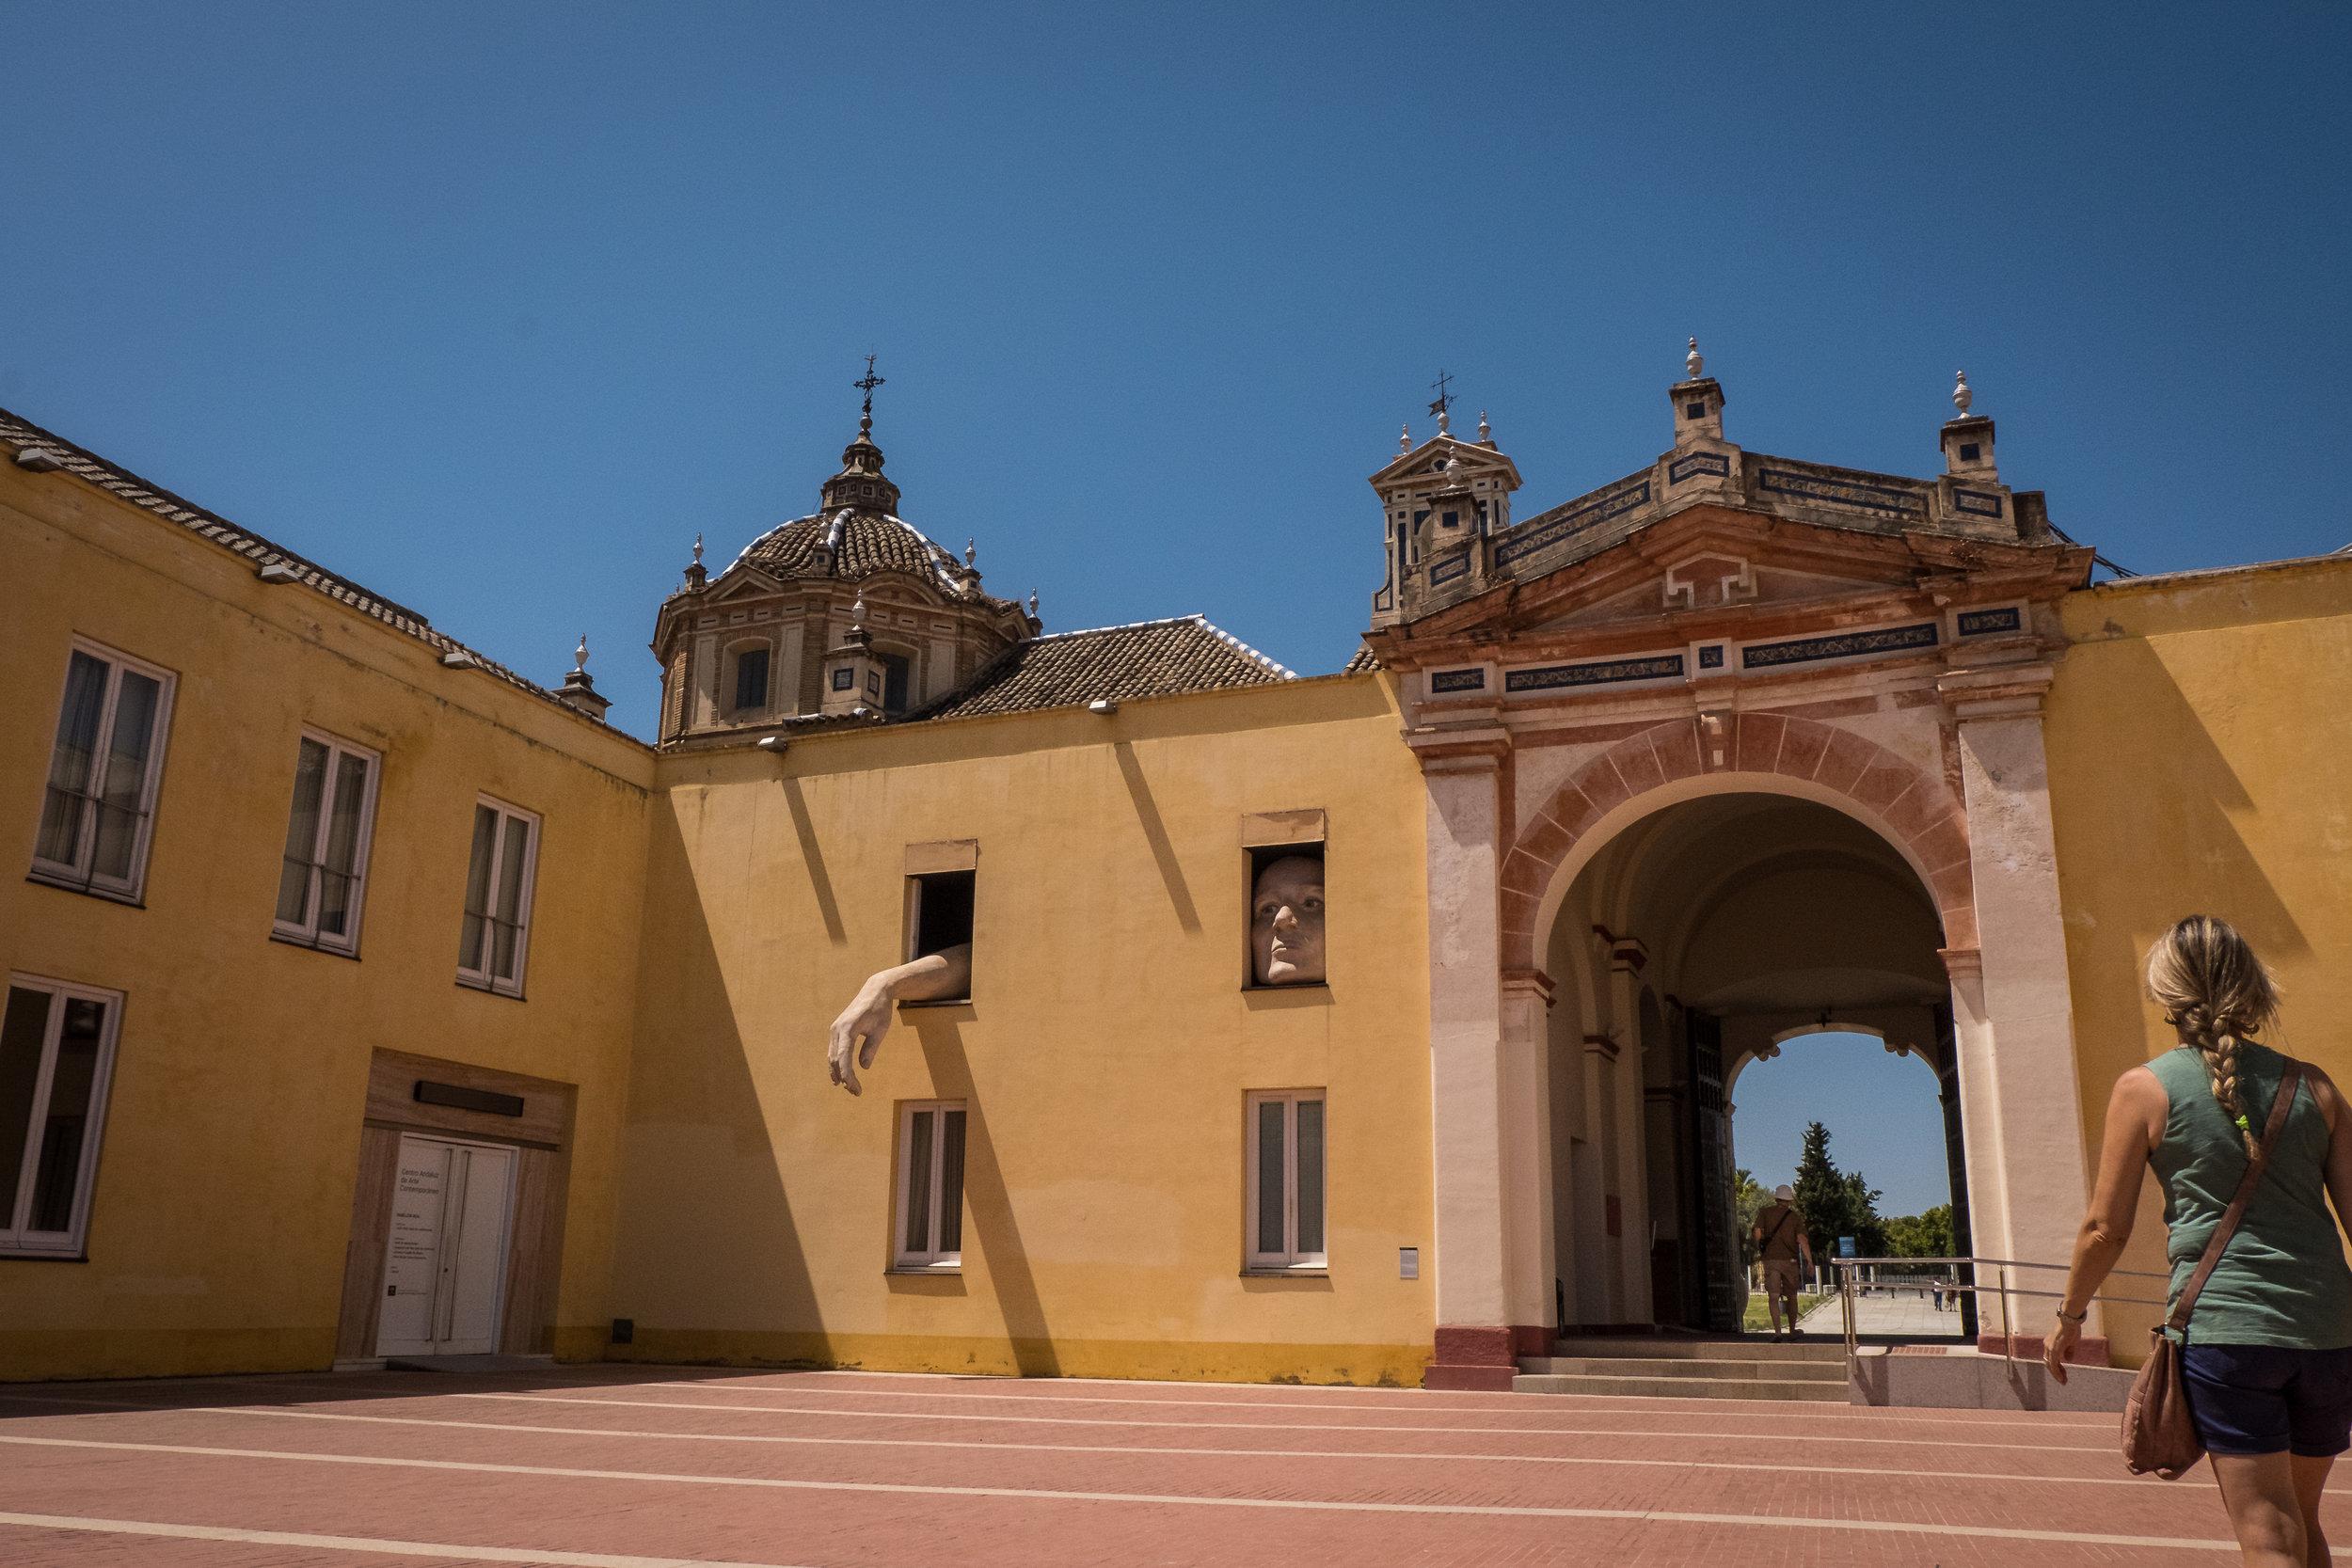 Sevilla_ceramics-7.jpg